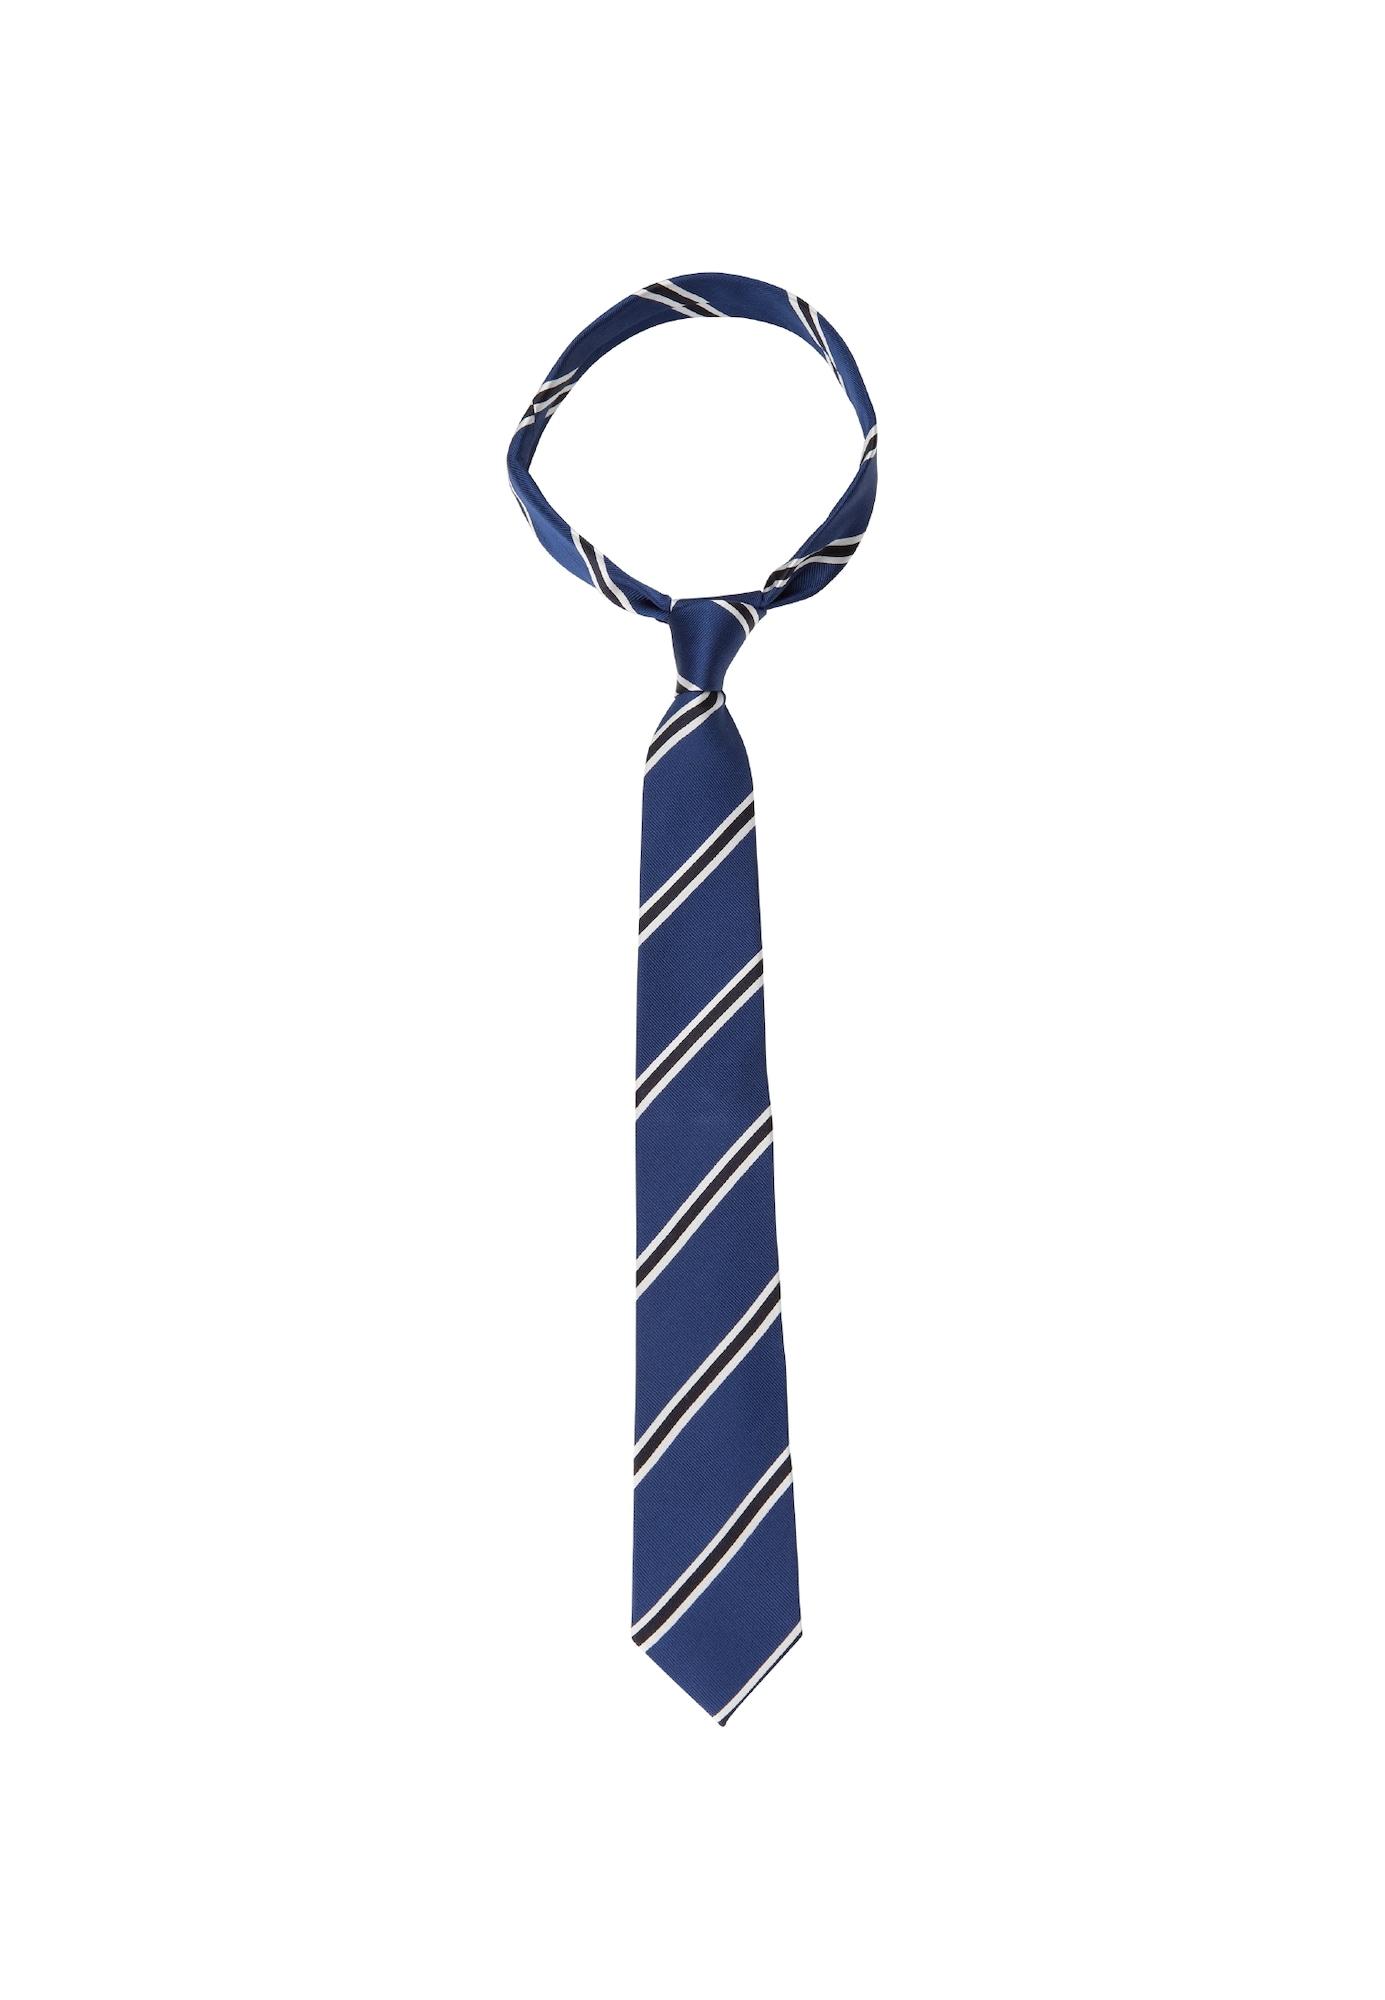 Herren SEIDENSTICKER Krawatte 'Schwarze Rose' blau, grau, pink,  schwarz,  weiß   04048869846519